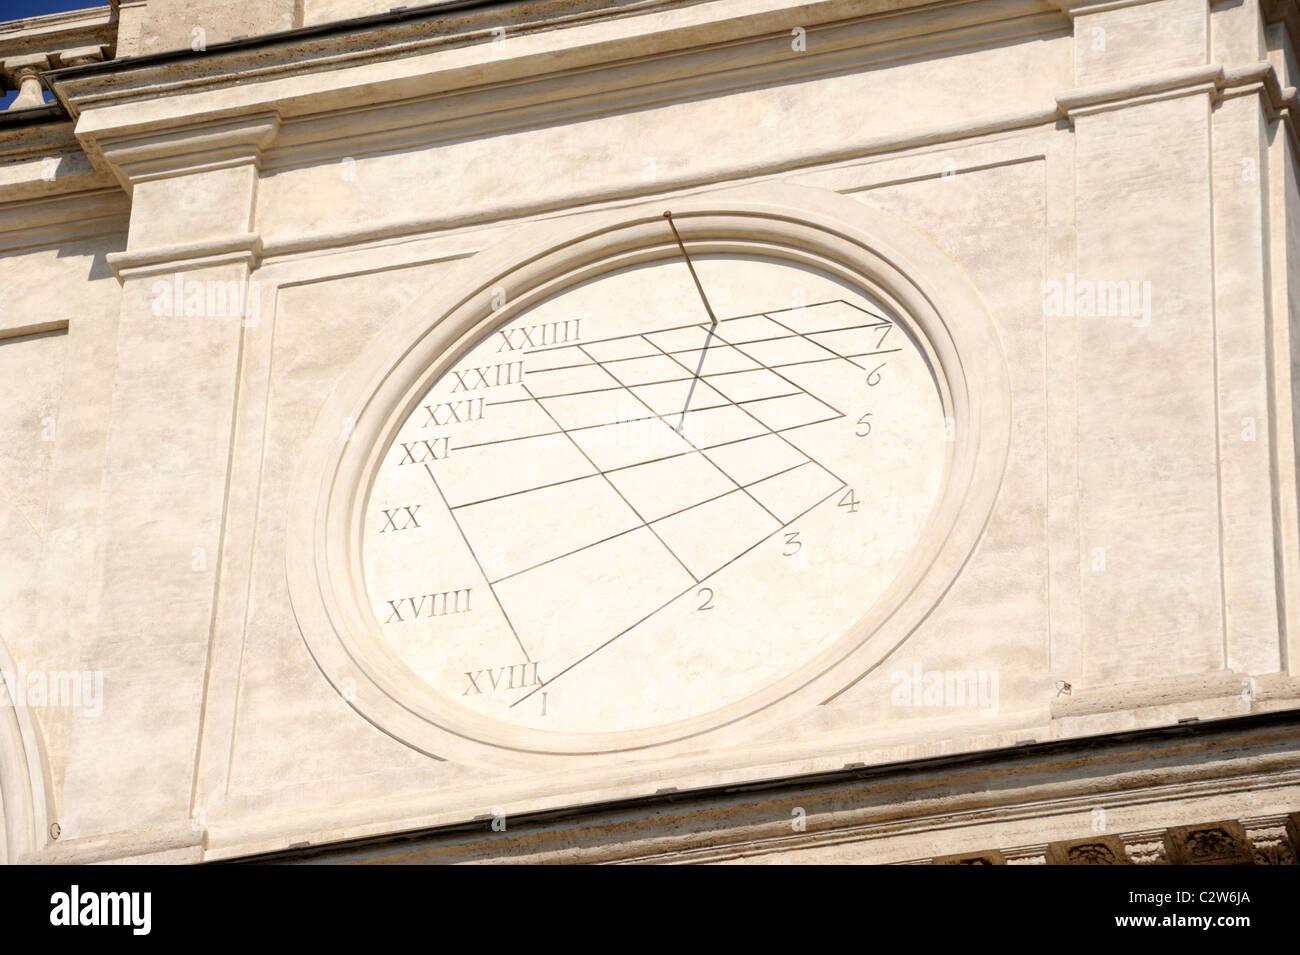 Italia, Roma, chiesa di Trinità dei monti, antica meridiana close up Immagini Stock